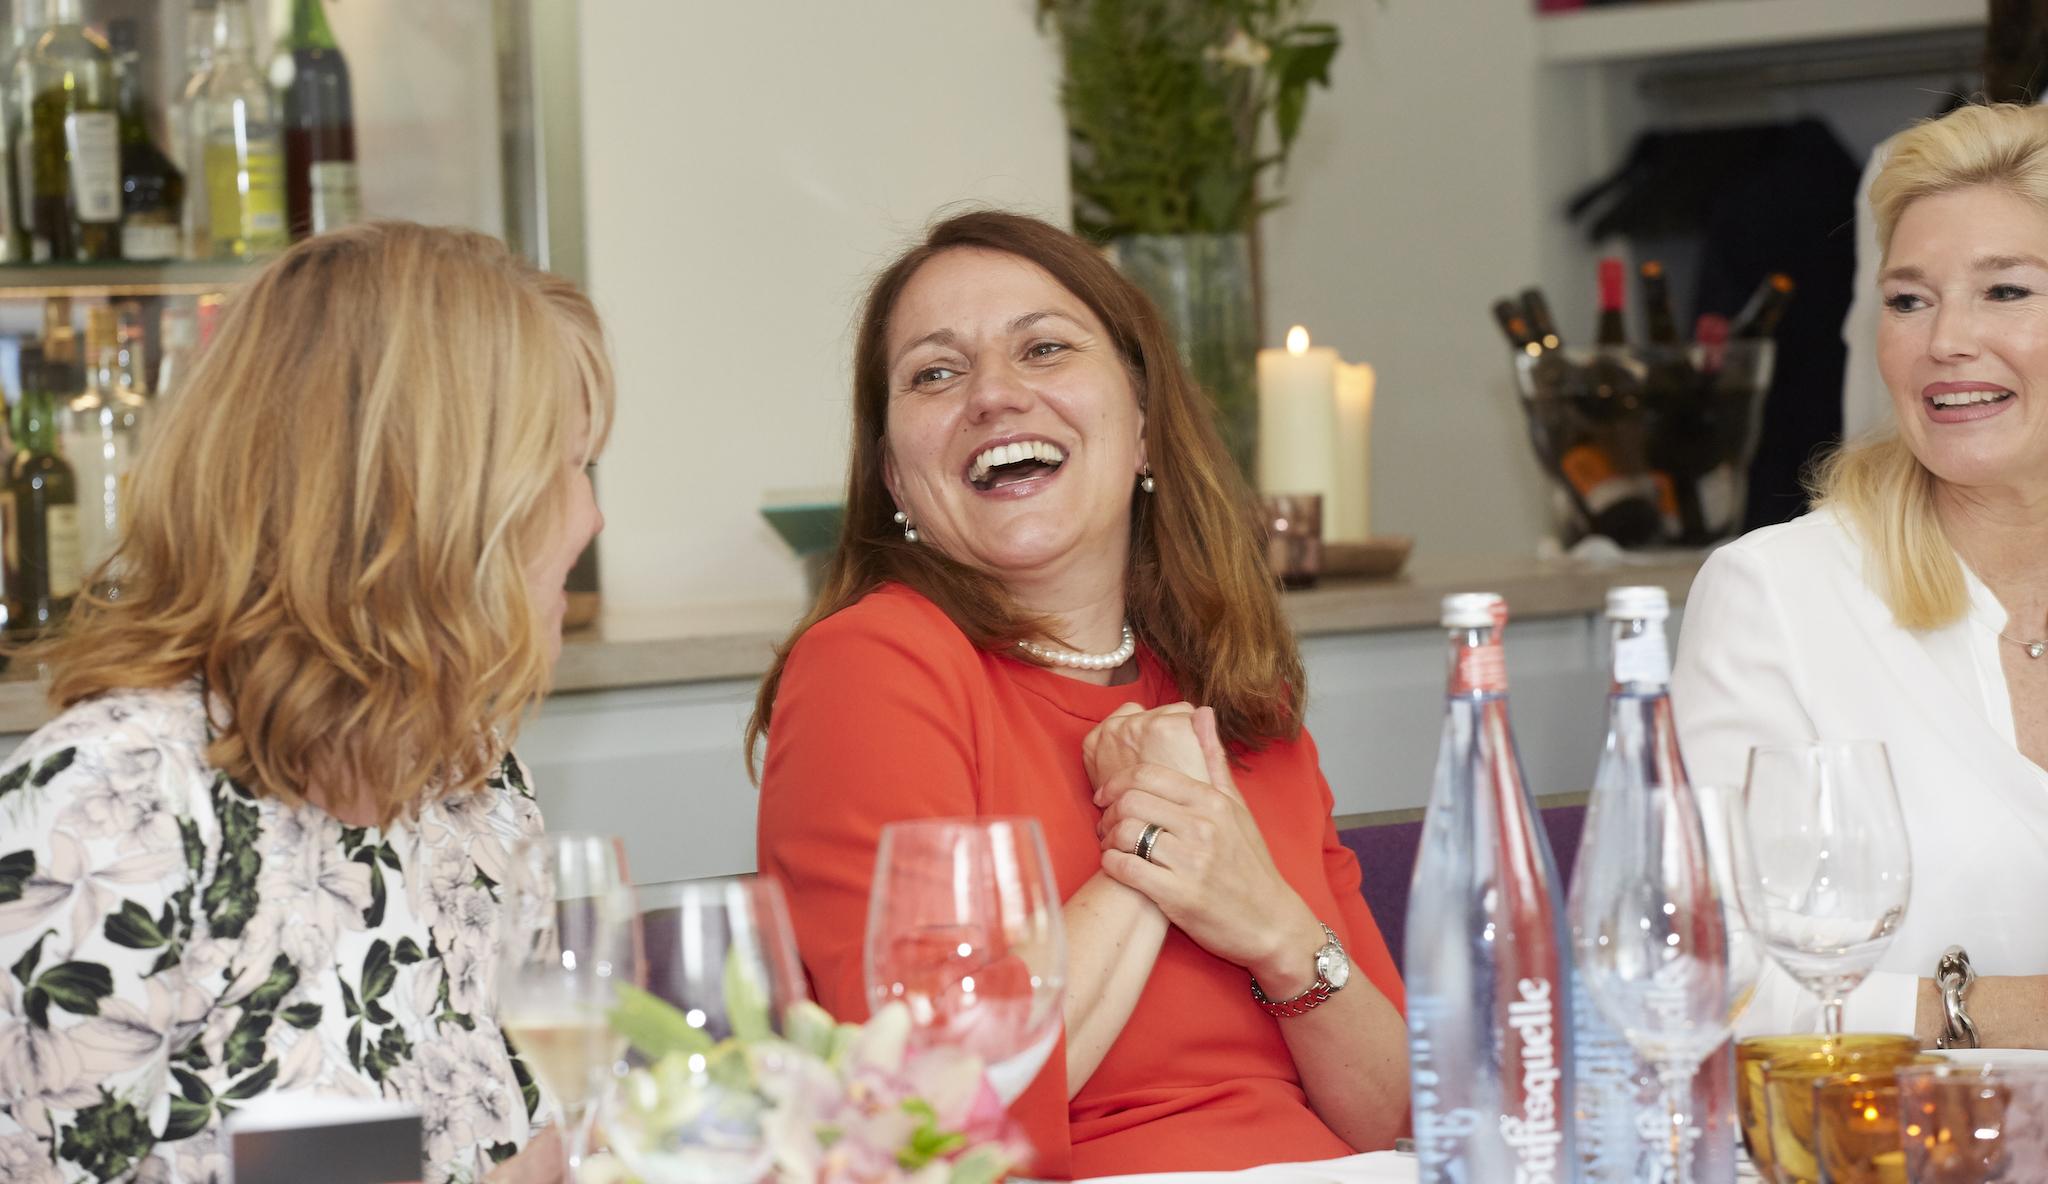 Petra Albrecht Moderatorin, Sabine Hansen Kienbaum Managerin, Petra Dieners, Jenny Jürgens Herzwerk Ladies Lunch, Hotel Indigo, Lifestyle-Blog, Lieblingsstil.com,